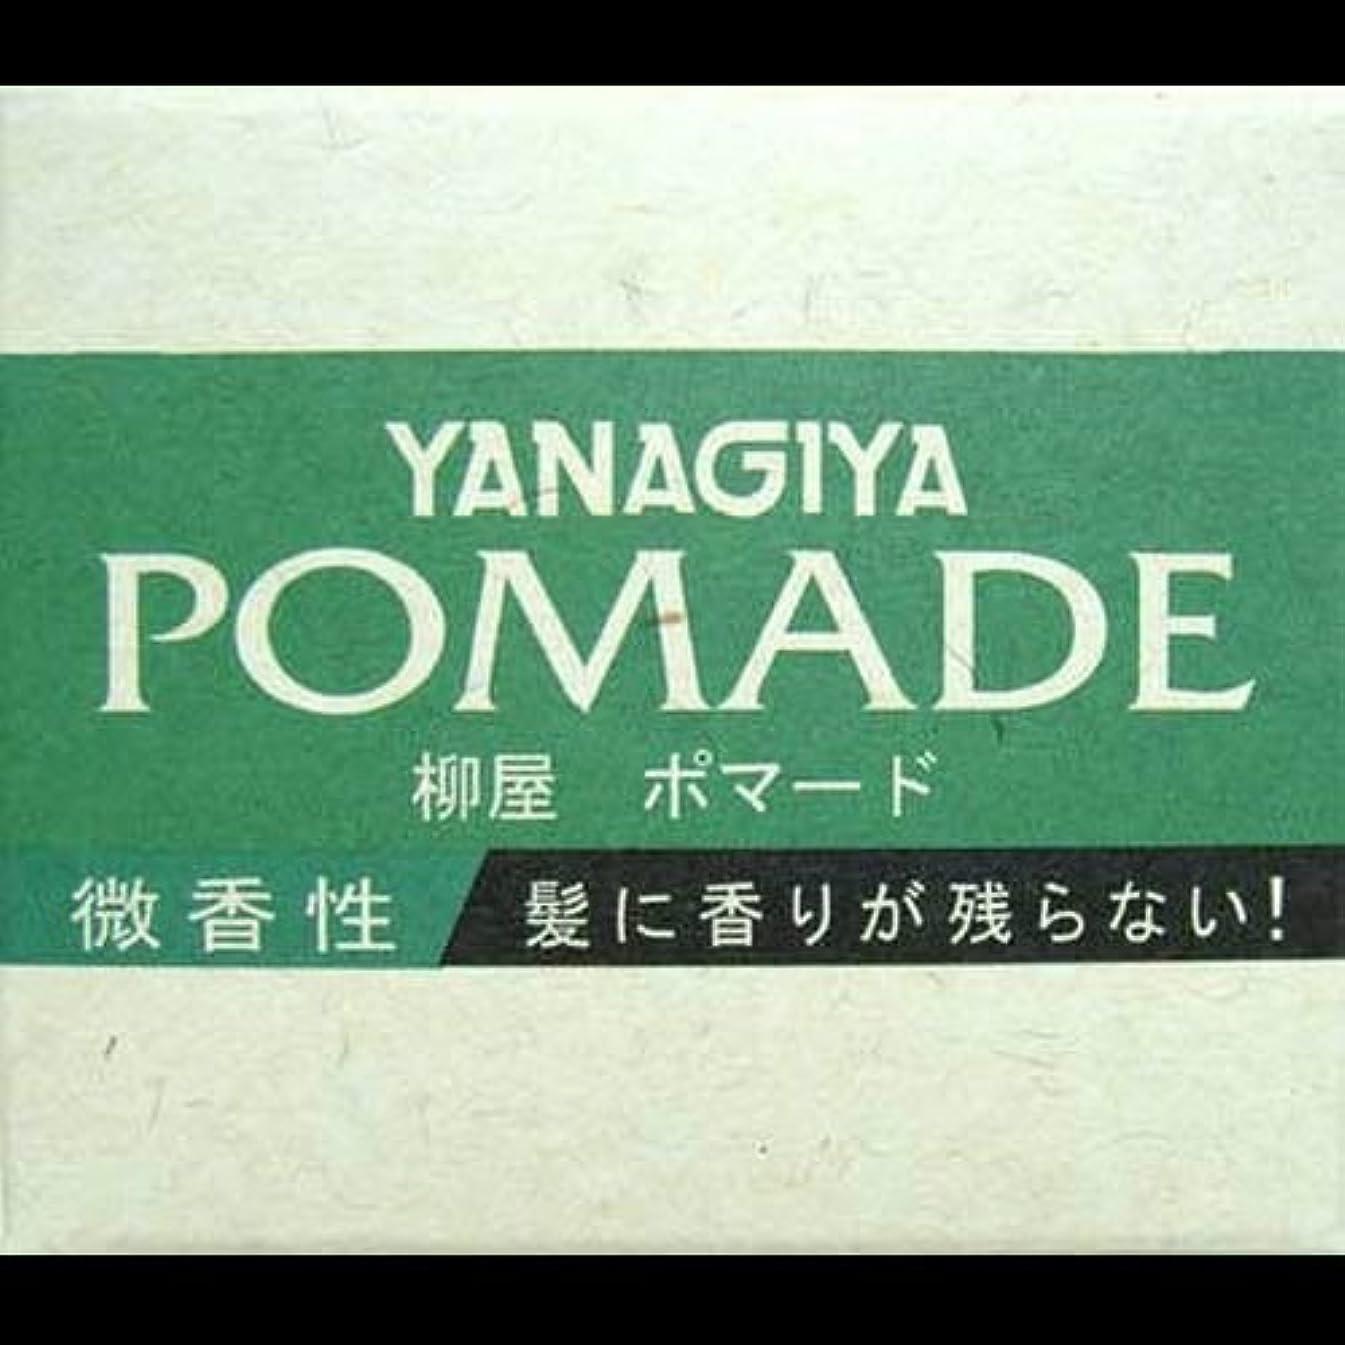 見捨てる思想降ろす【まとめ買い】柳屋 ポマード微香性120g ×2セット